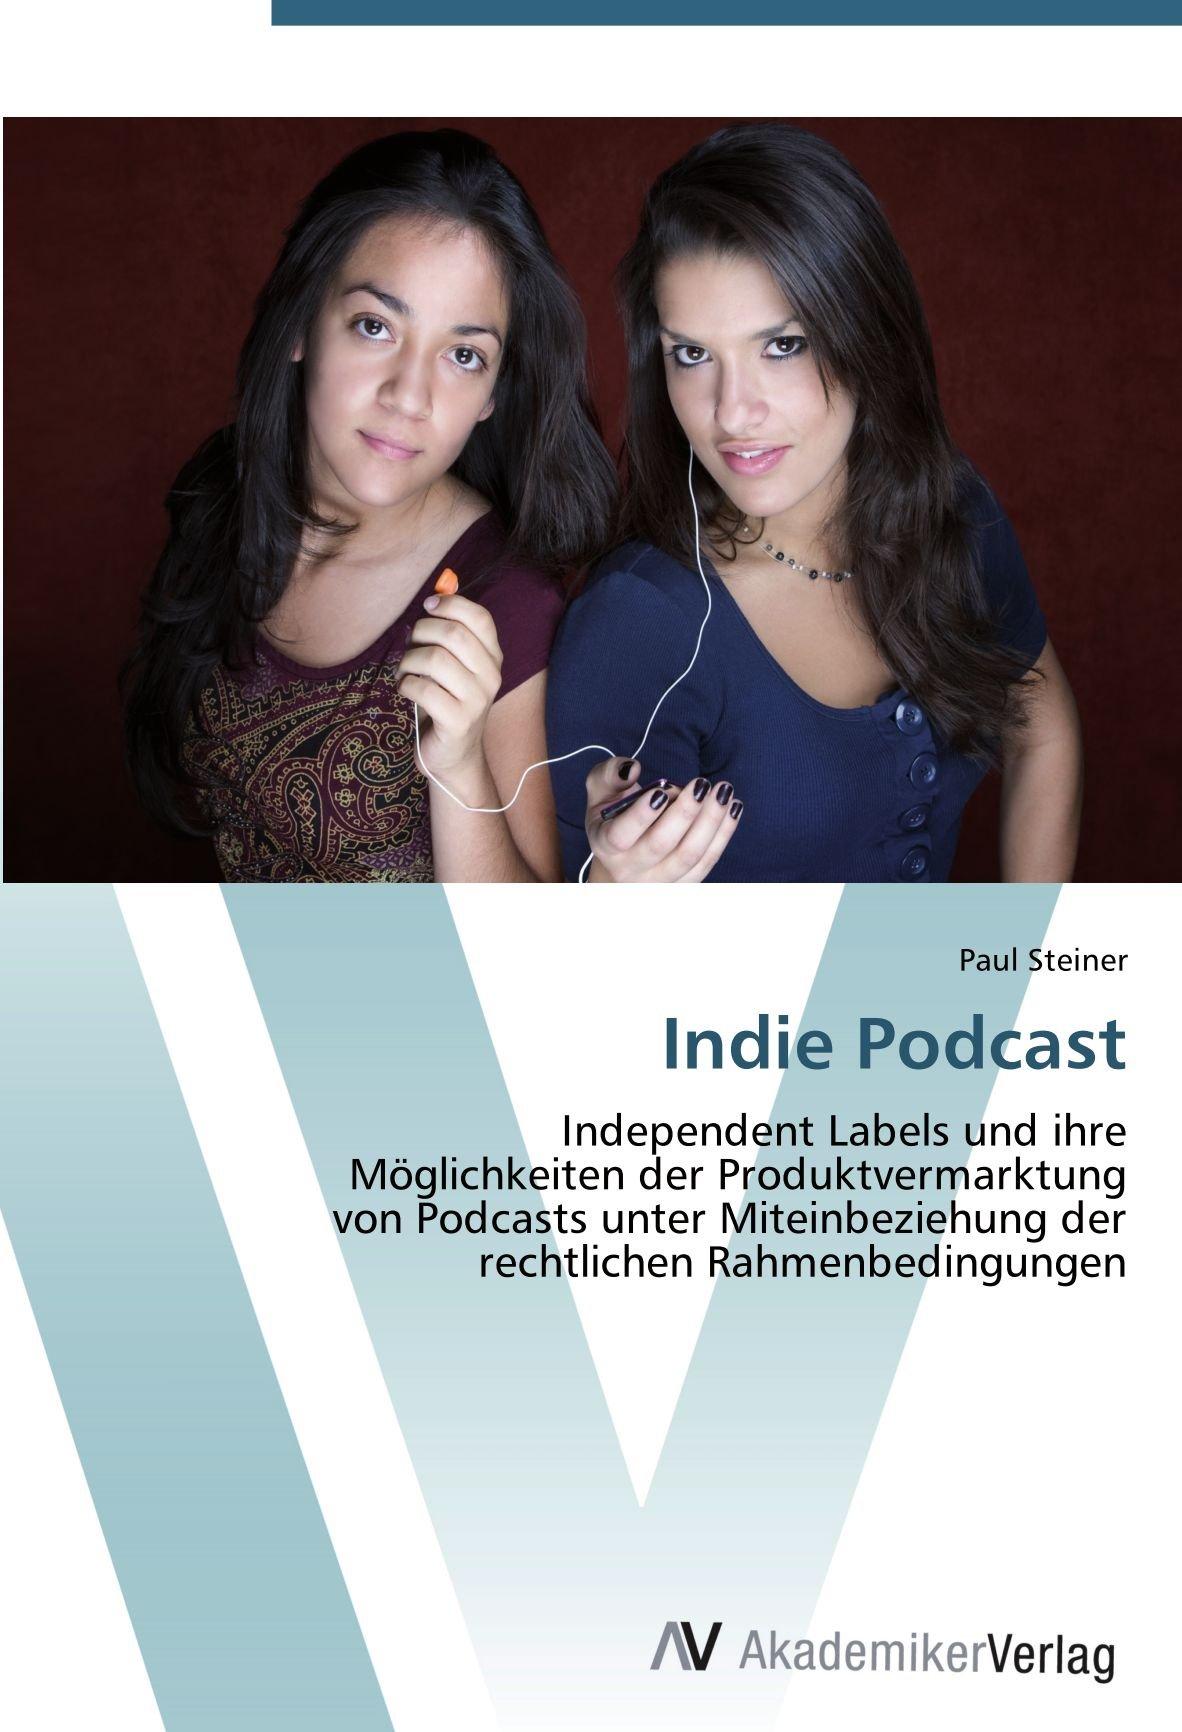 Indie Podcast: Independent Labels und ihre Möglichkeiten der Produktvermarktung von Podcasts unter Miteinbeziehung der rechtlichen Rahmenbedingungen